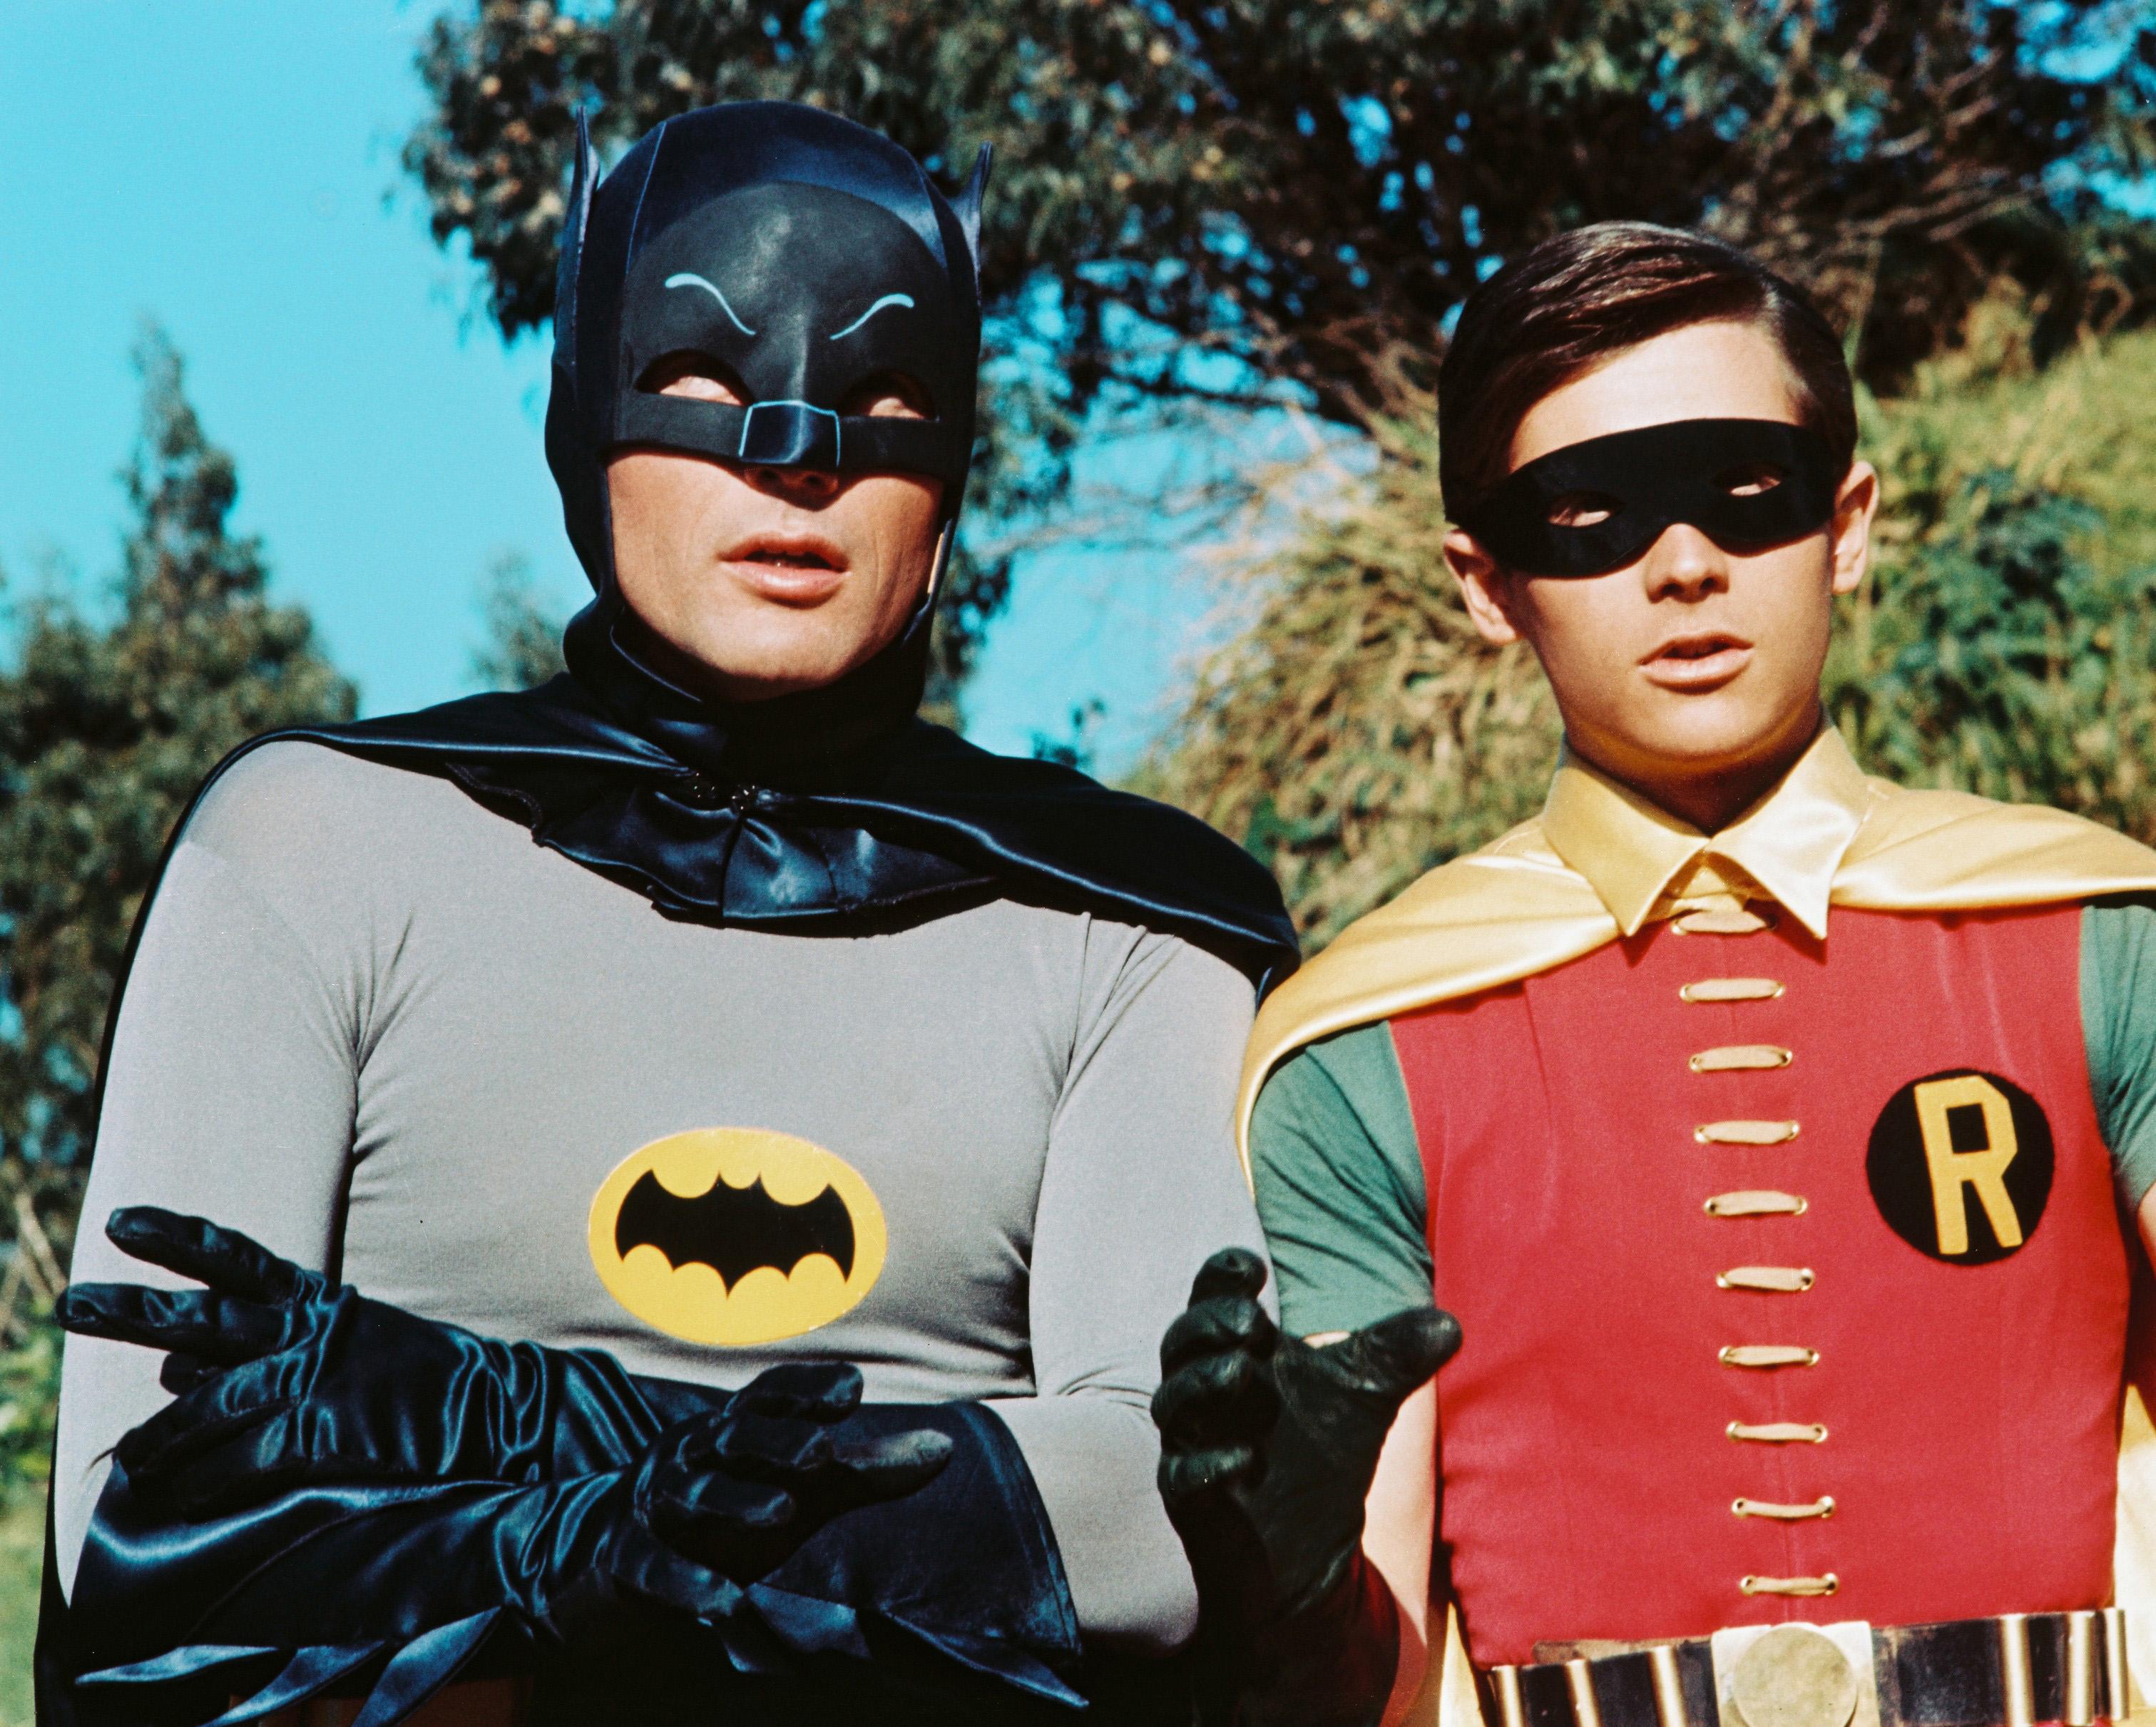 ¡Santas subastas! Los trajes de Batman y Robin utilizados en la serie de los 60 serán subastados en diciembre